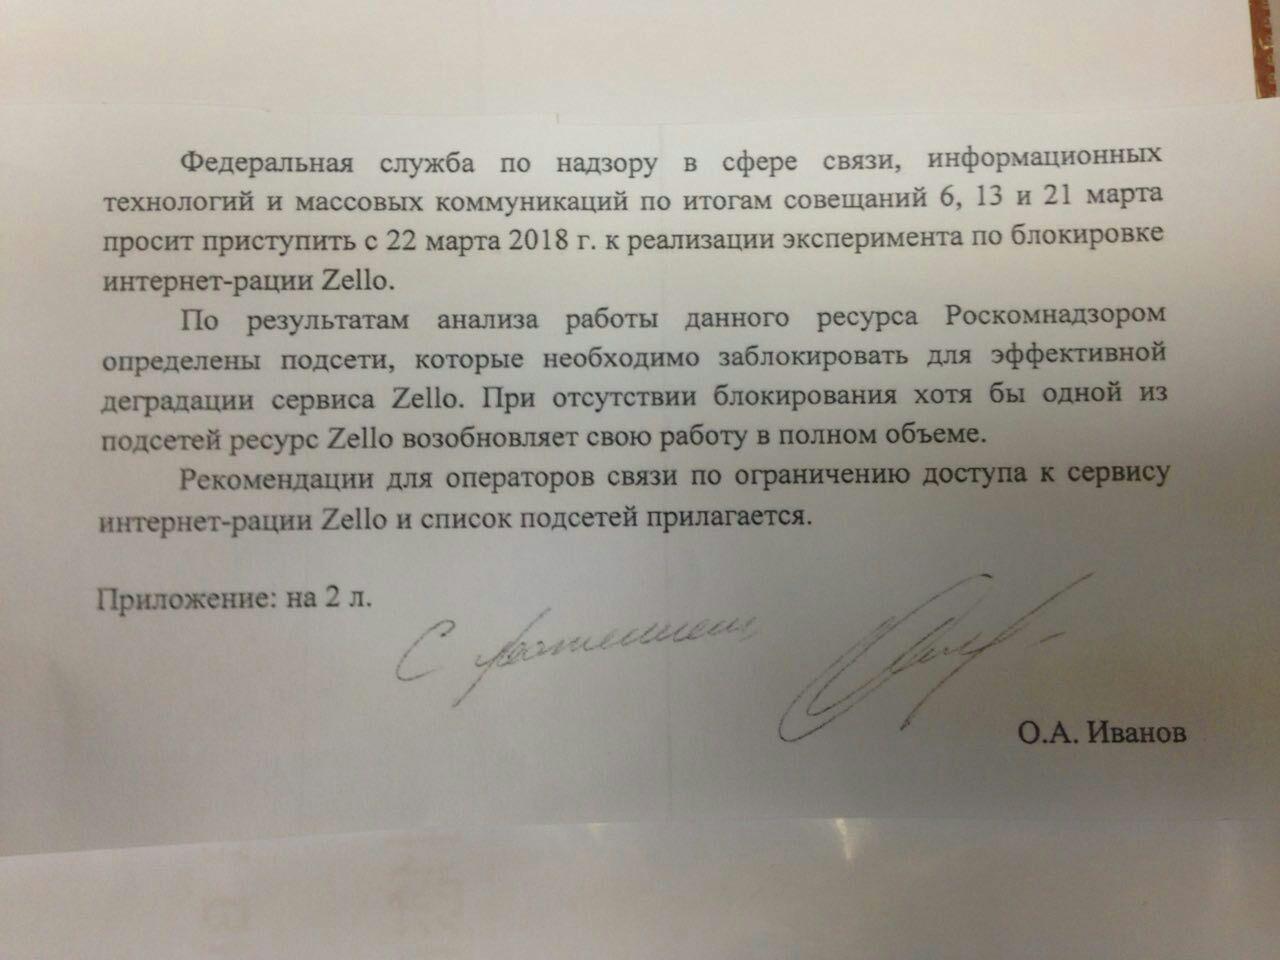 Роскомнадзор проведет «эксперимент» по блокировке интернет-рации Zello в России - 2